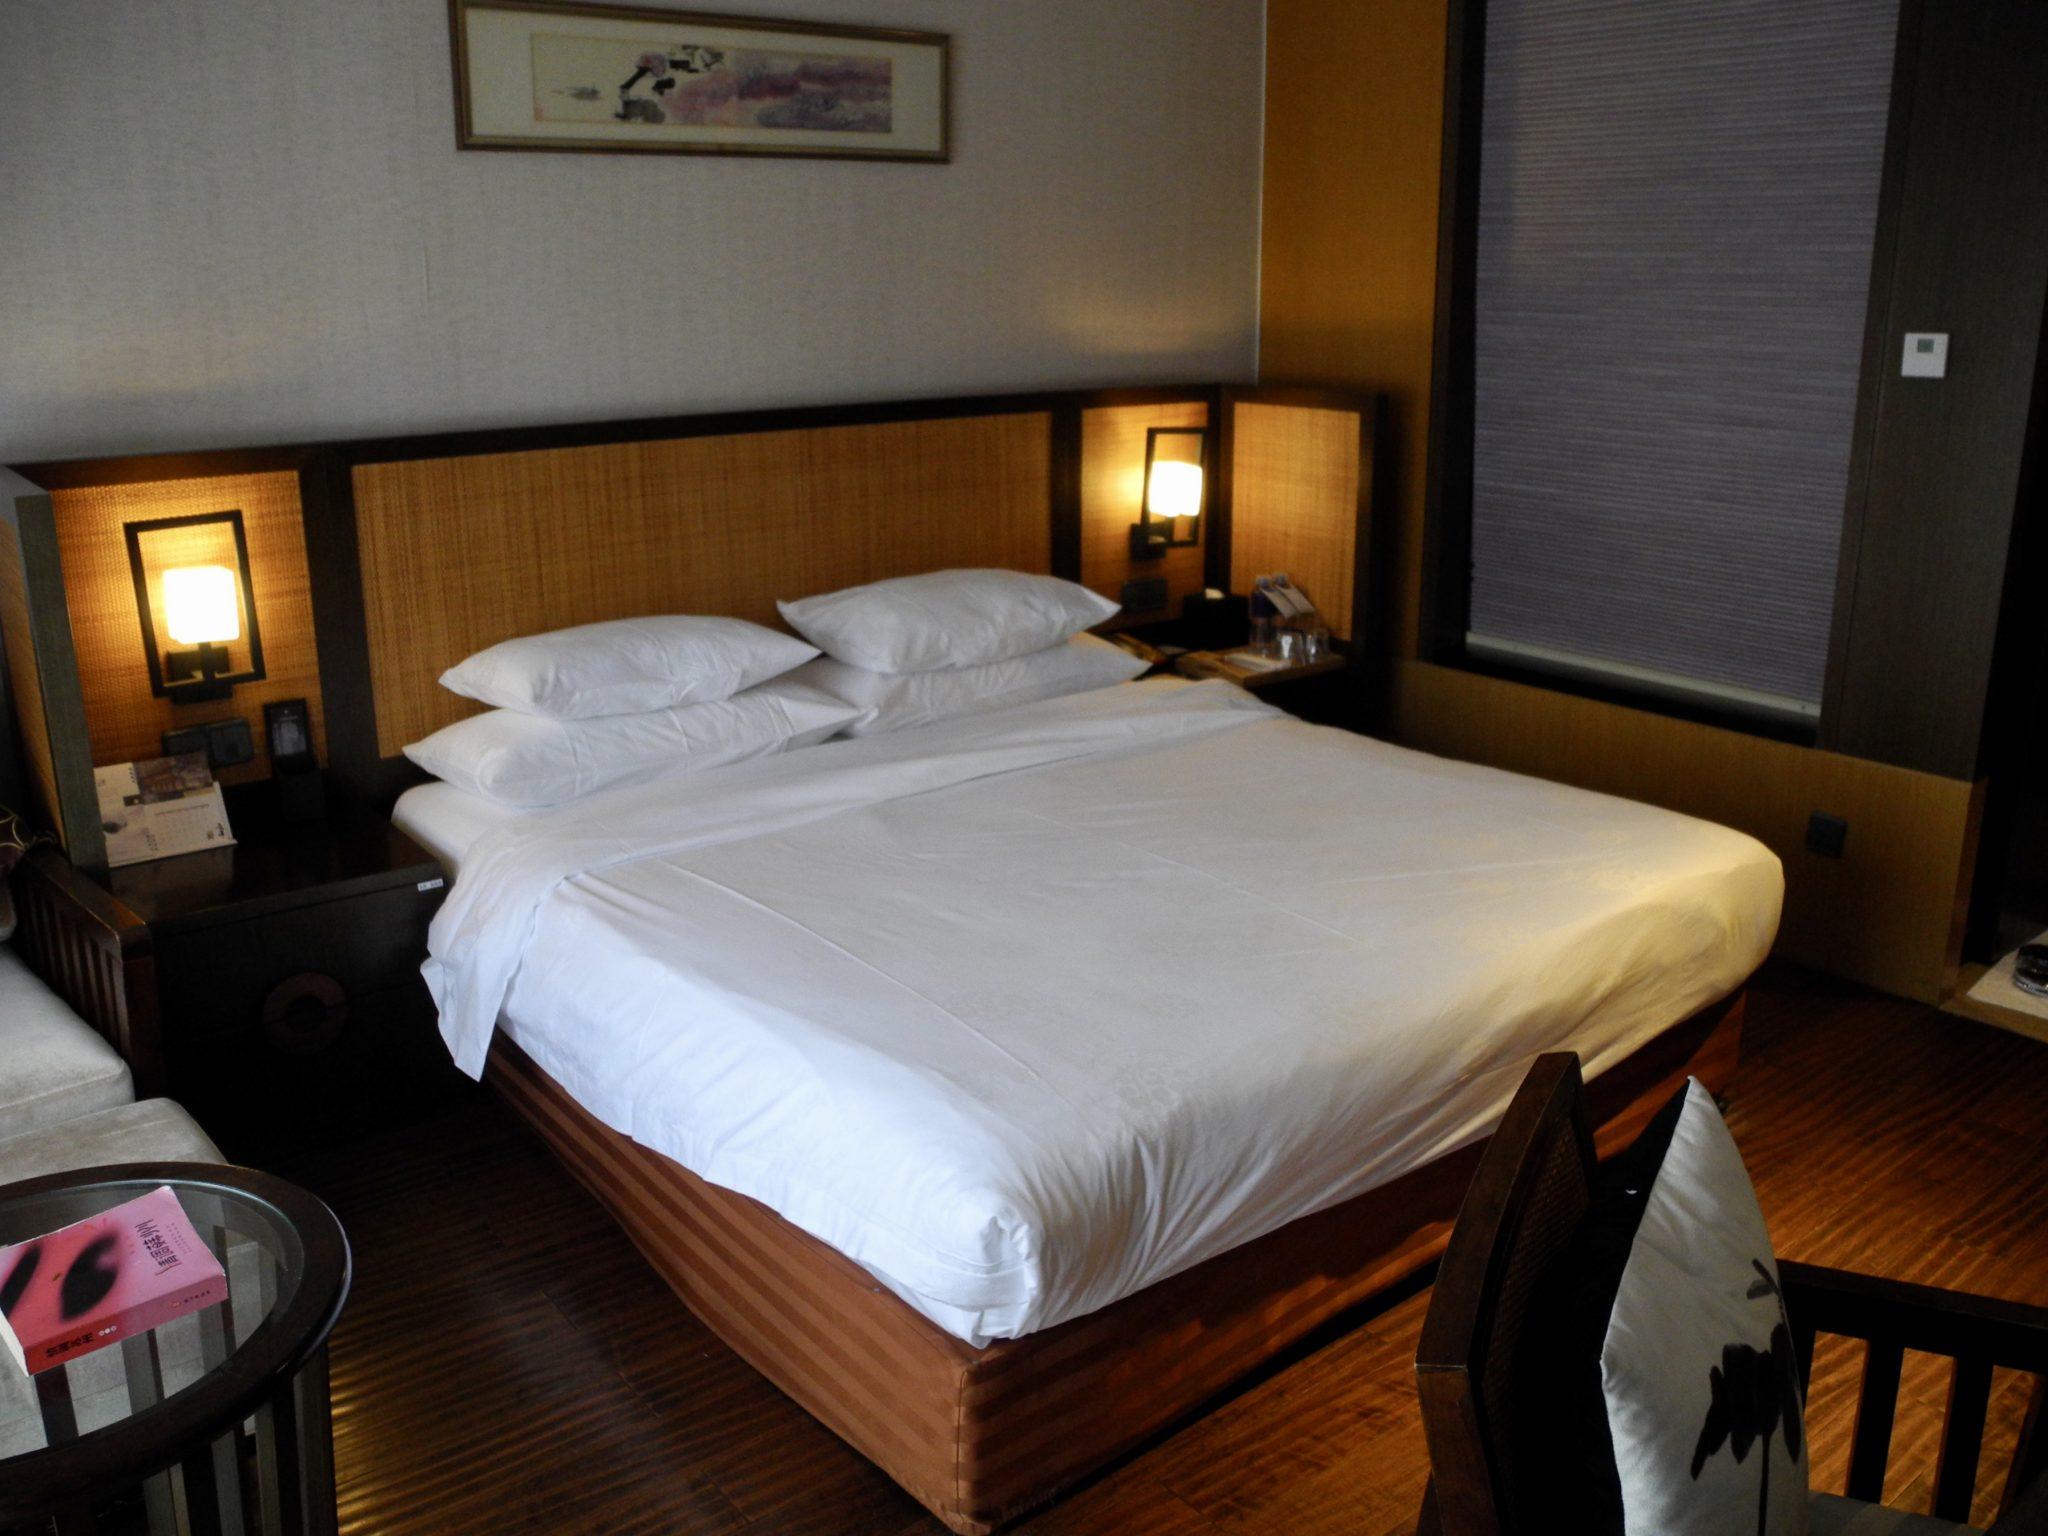 Scholars Hotel PingJiangFu Suzhou